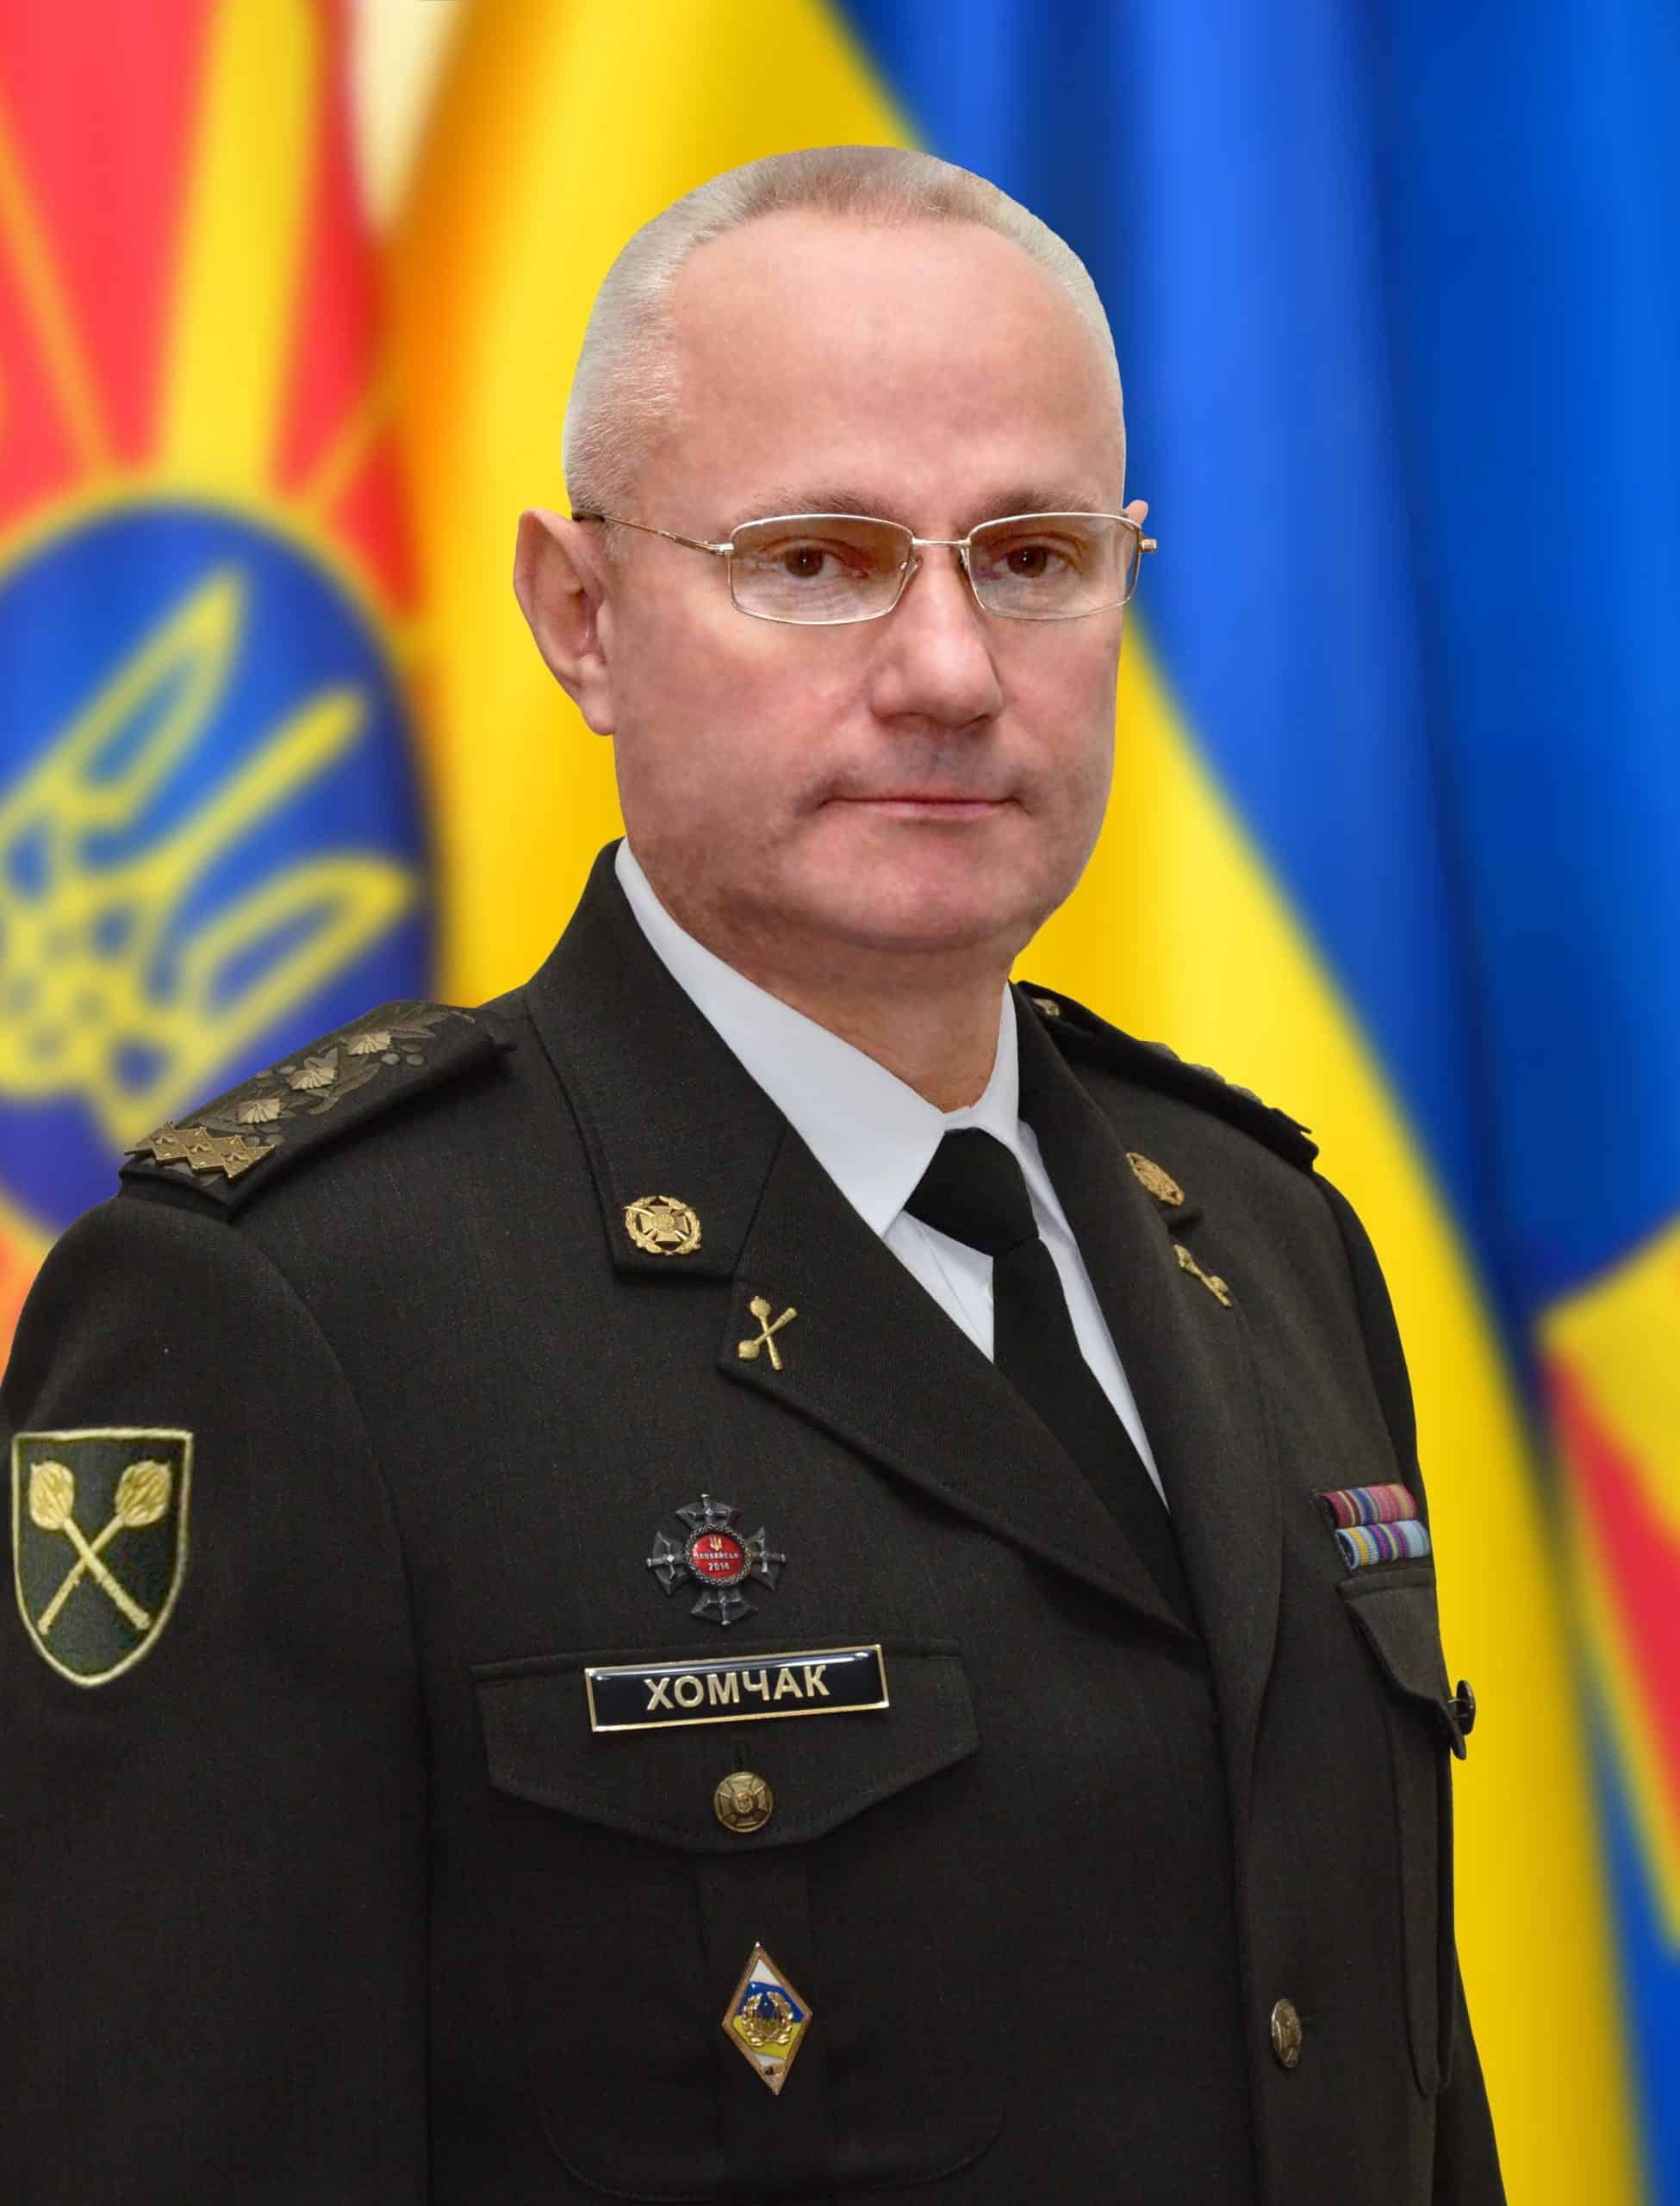 Генерал-полковник Руслан Хомчак